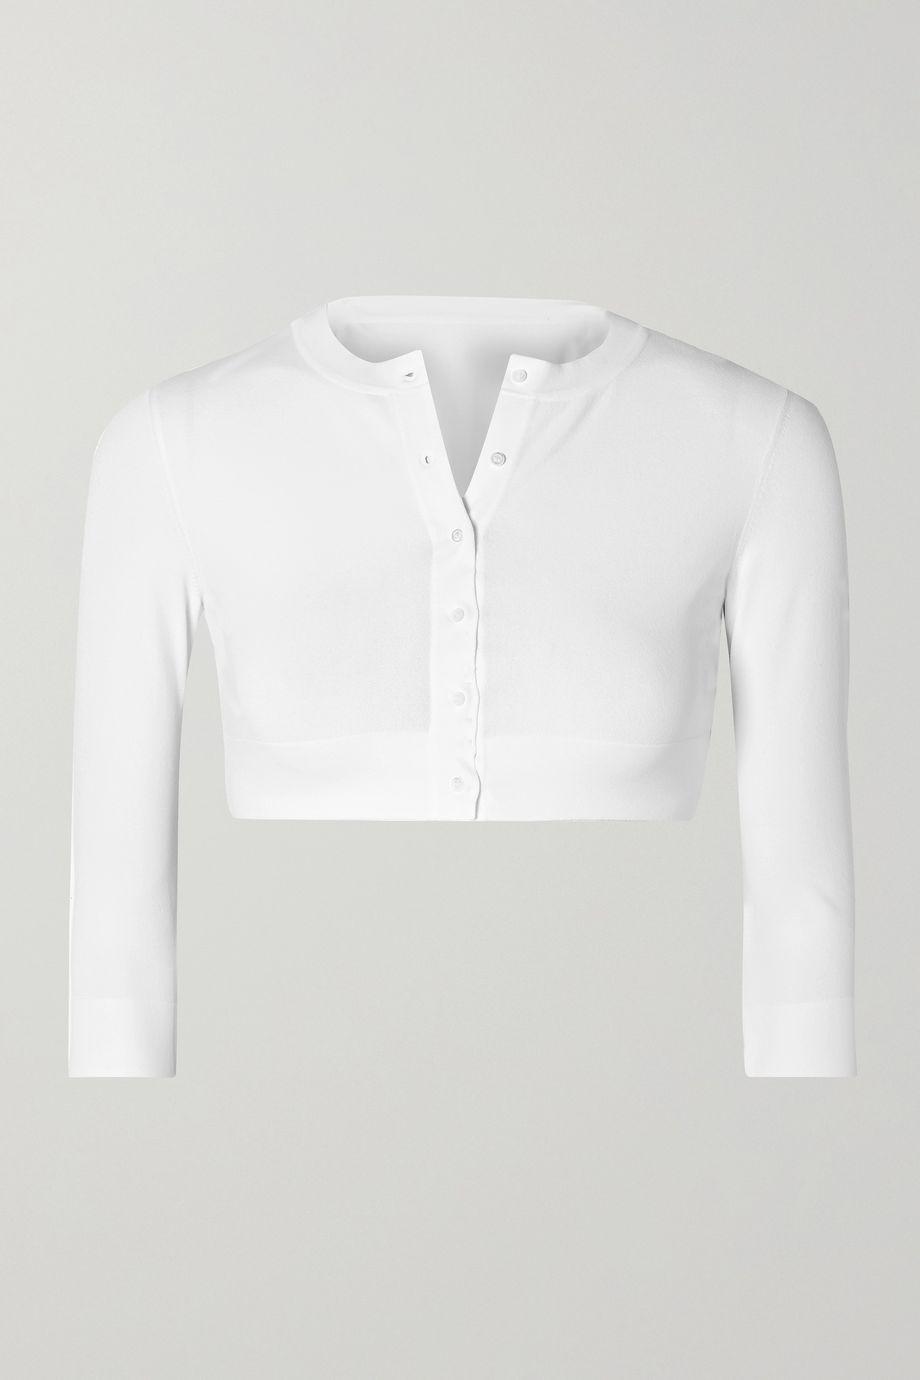 Alaïa 针织短款开襟衫